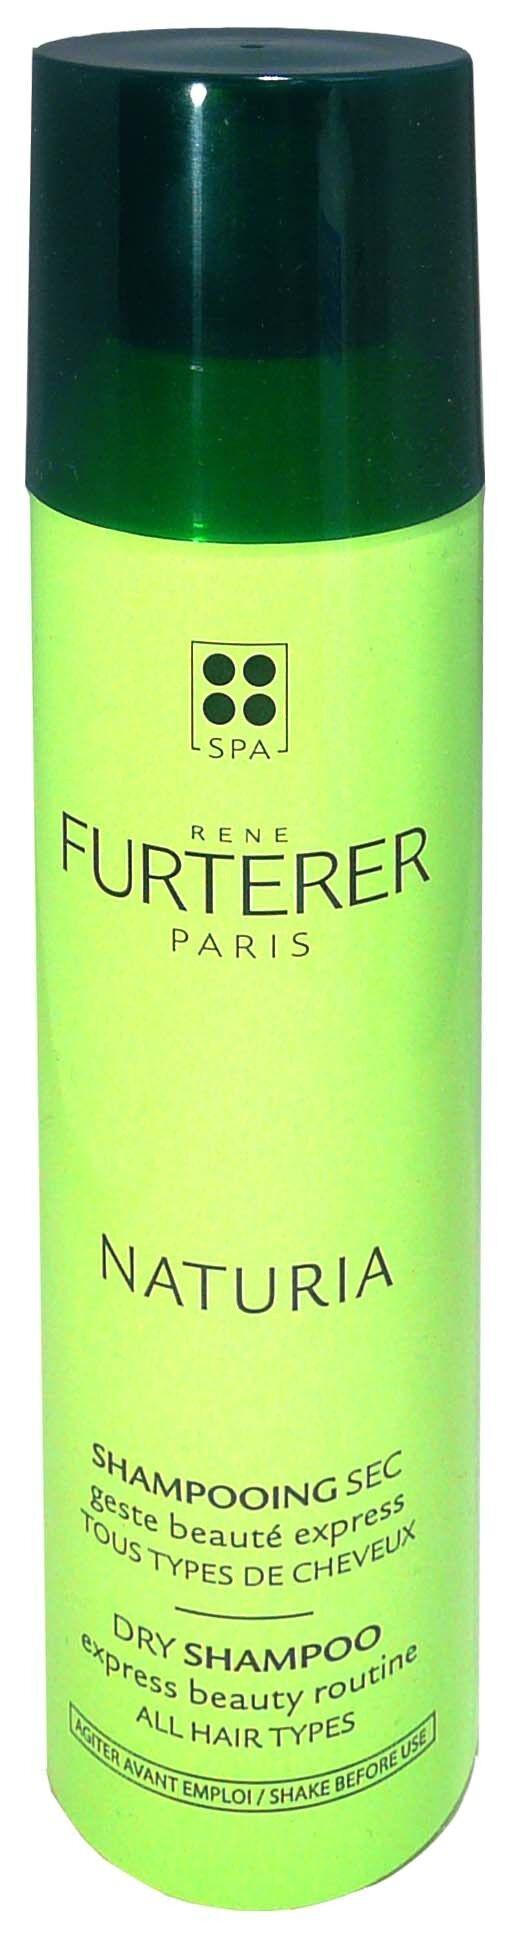 Rene furterer naturia shampooing sec 250ml